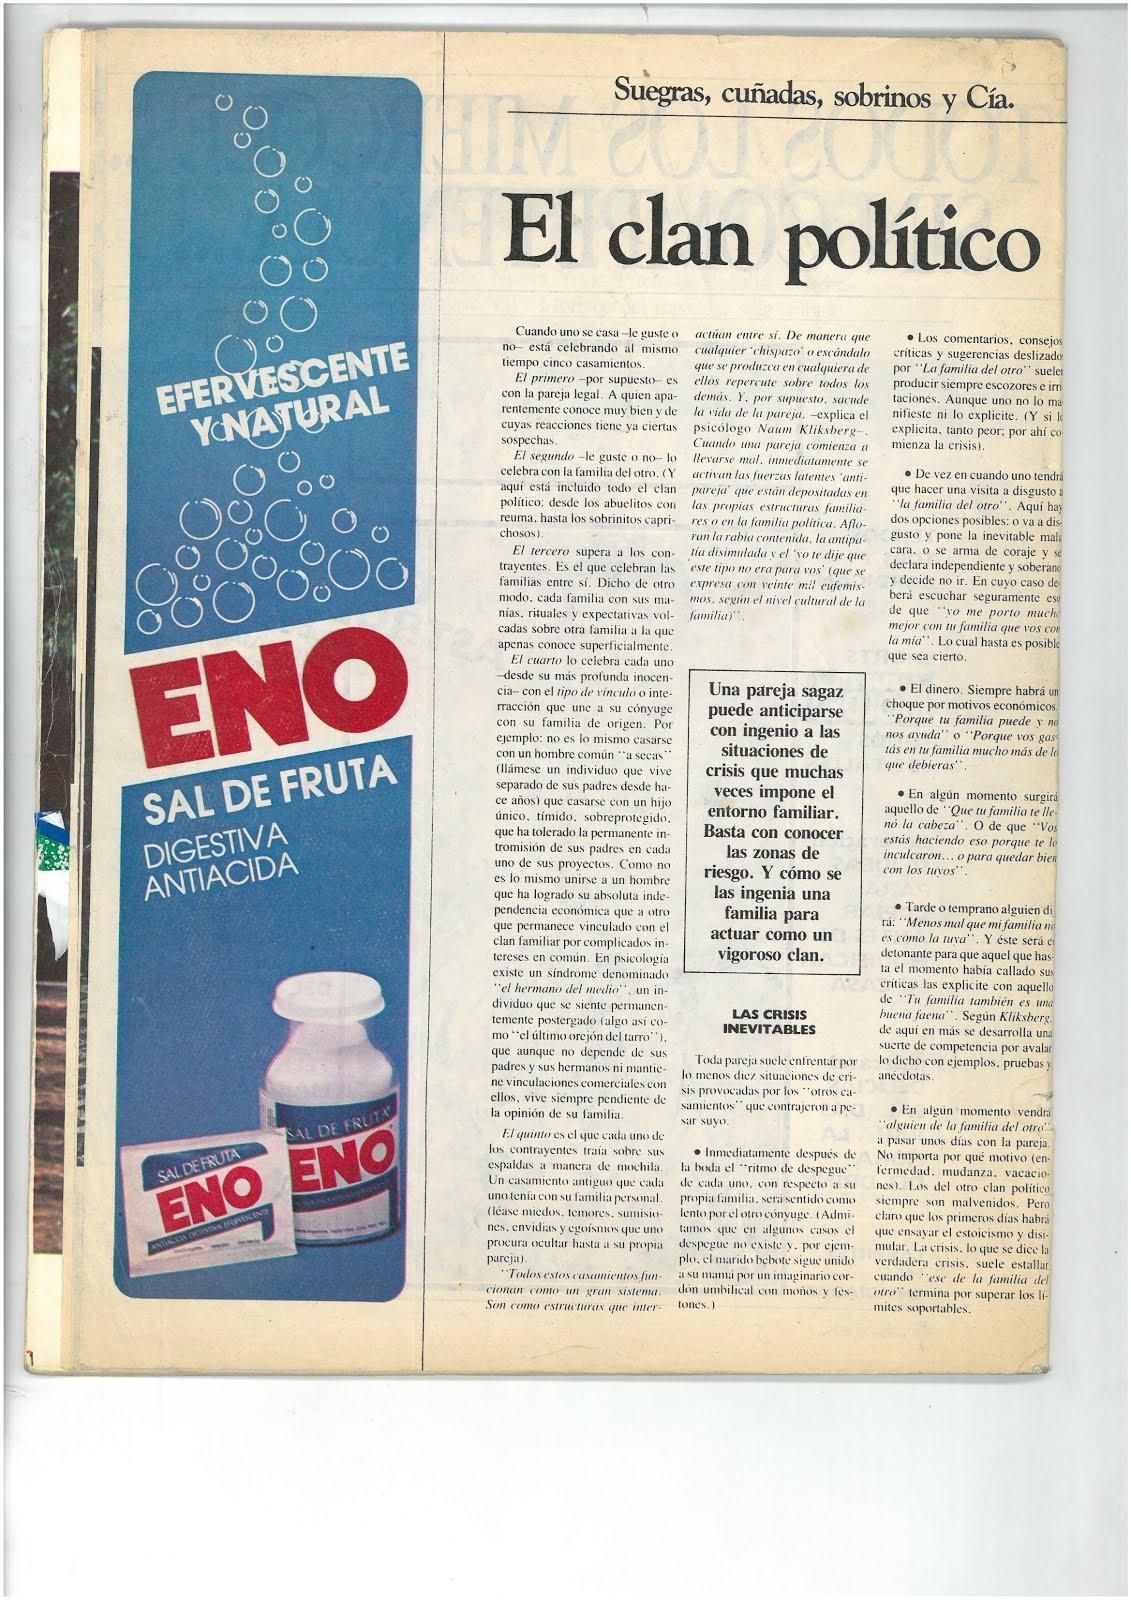 61 - REVISTA VOSOTRAS, ARGENTINA,N°2641. ENTREVISTA A NAUM KLIKSBERG SOBRE LOS 5 MATRIMONIOS